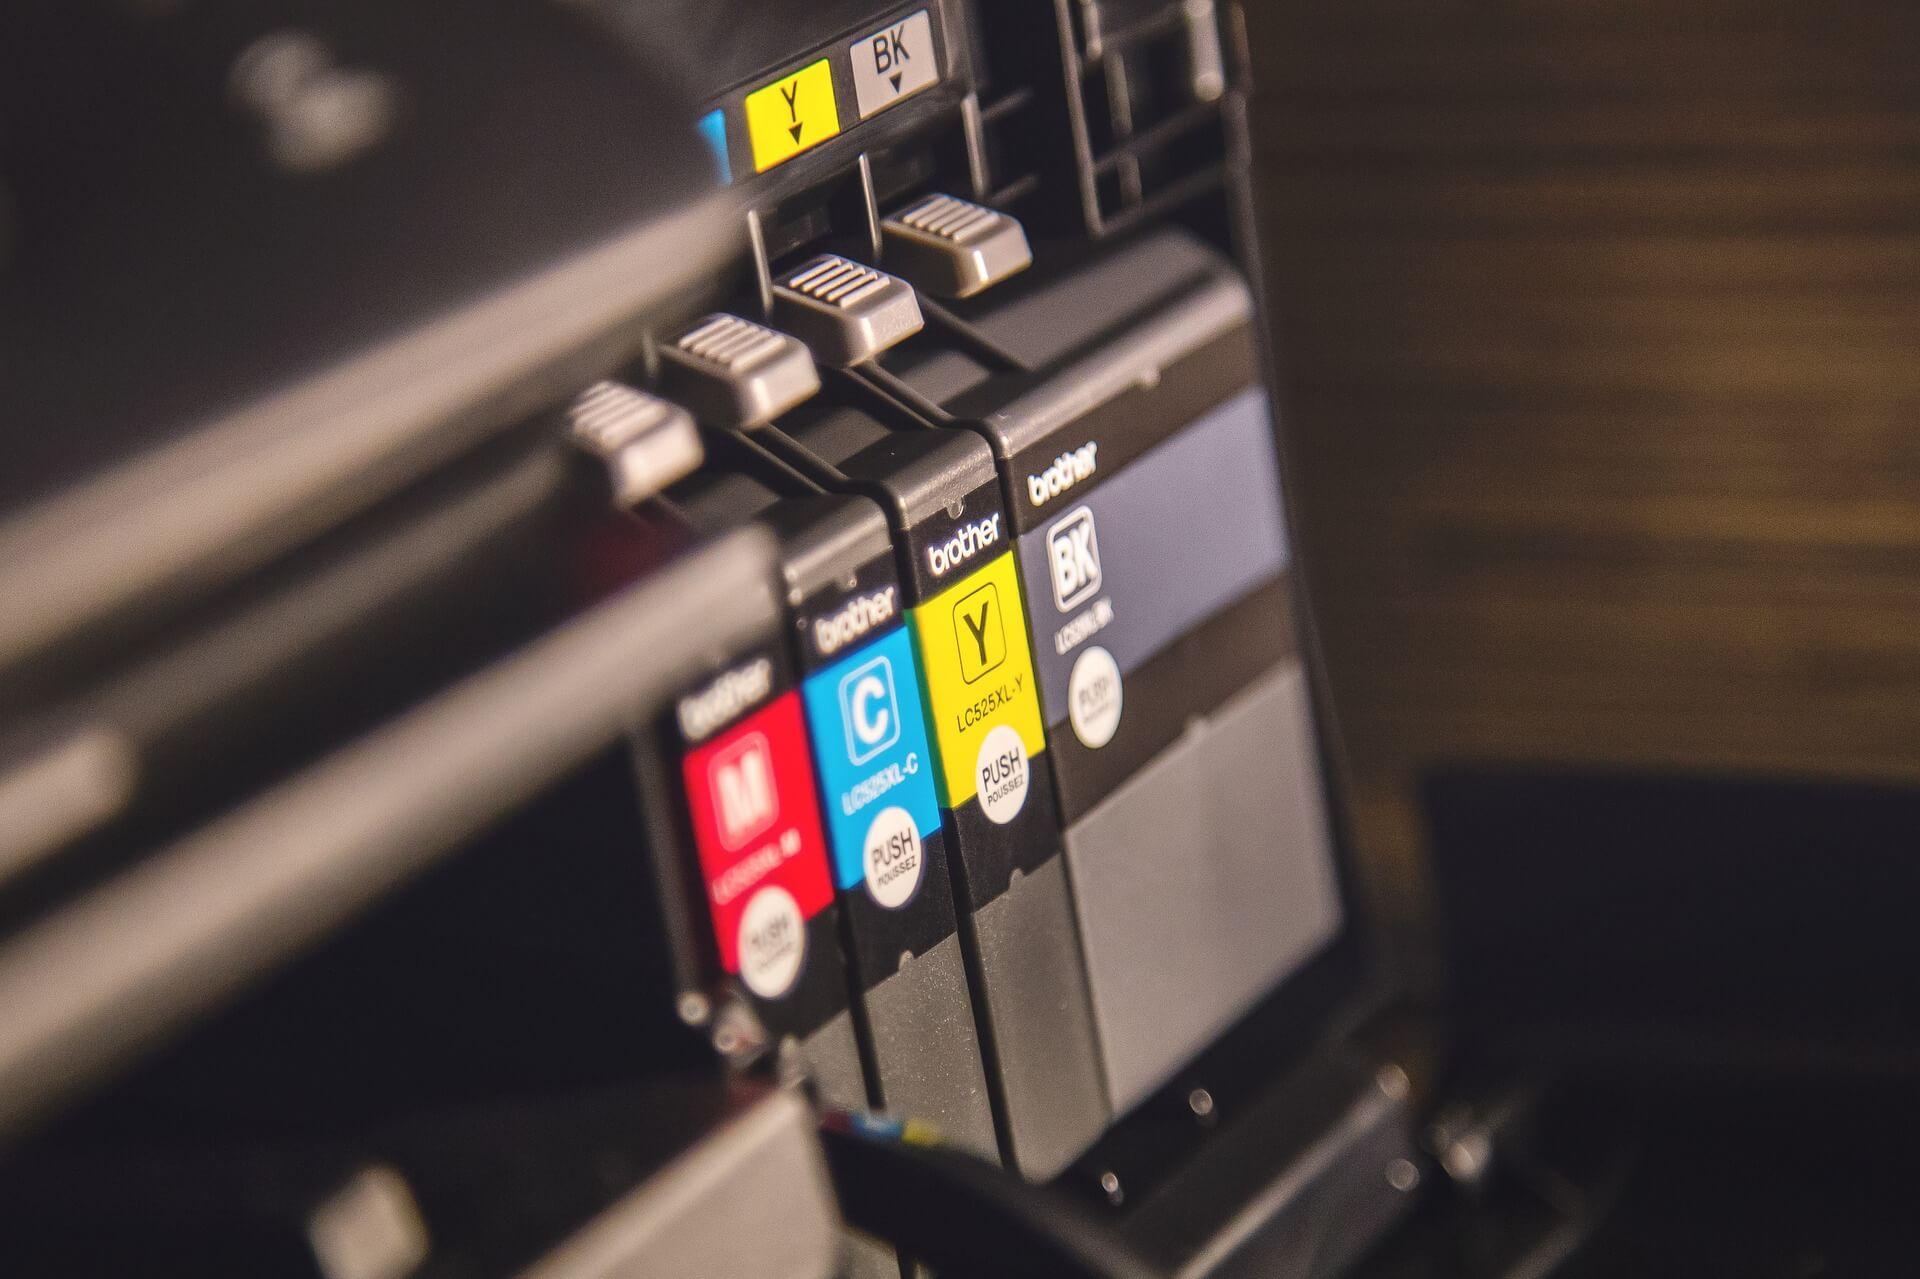 Der Drucker funktioniert nicht - Alltagssituation in deutschen Büros